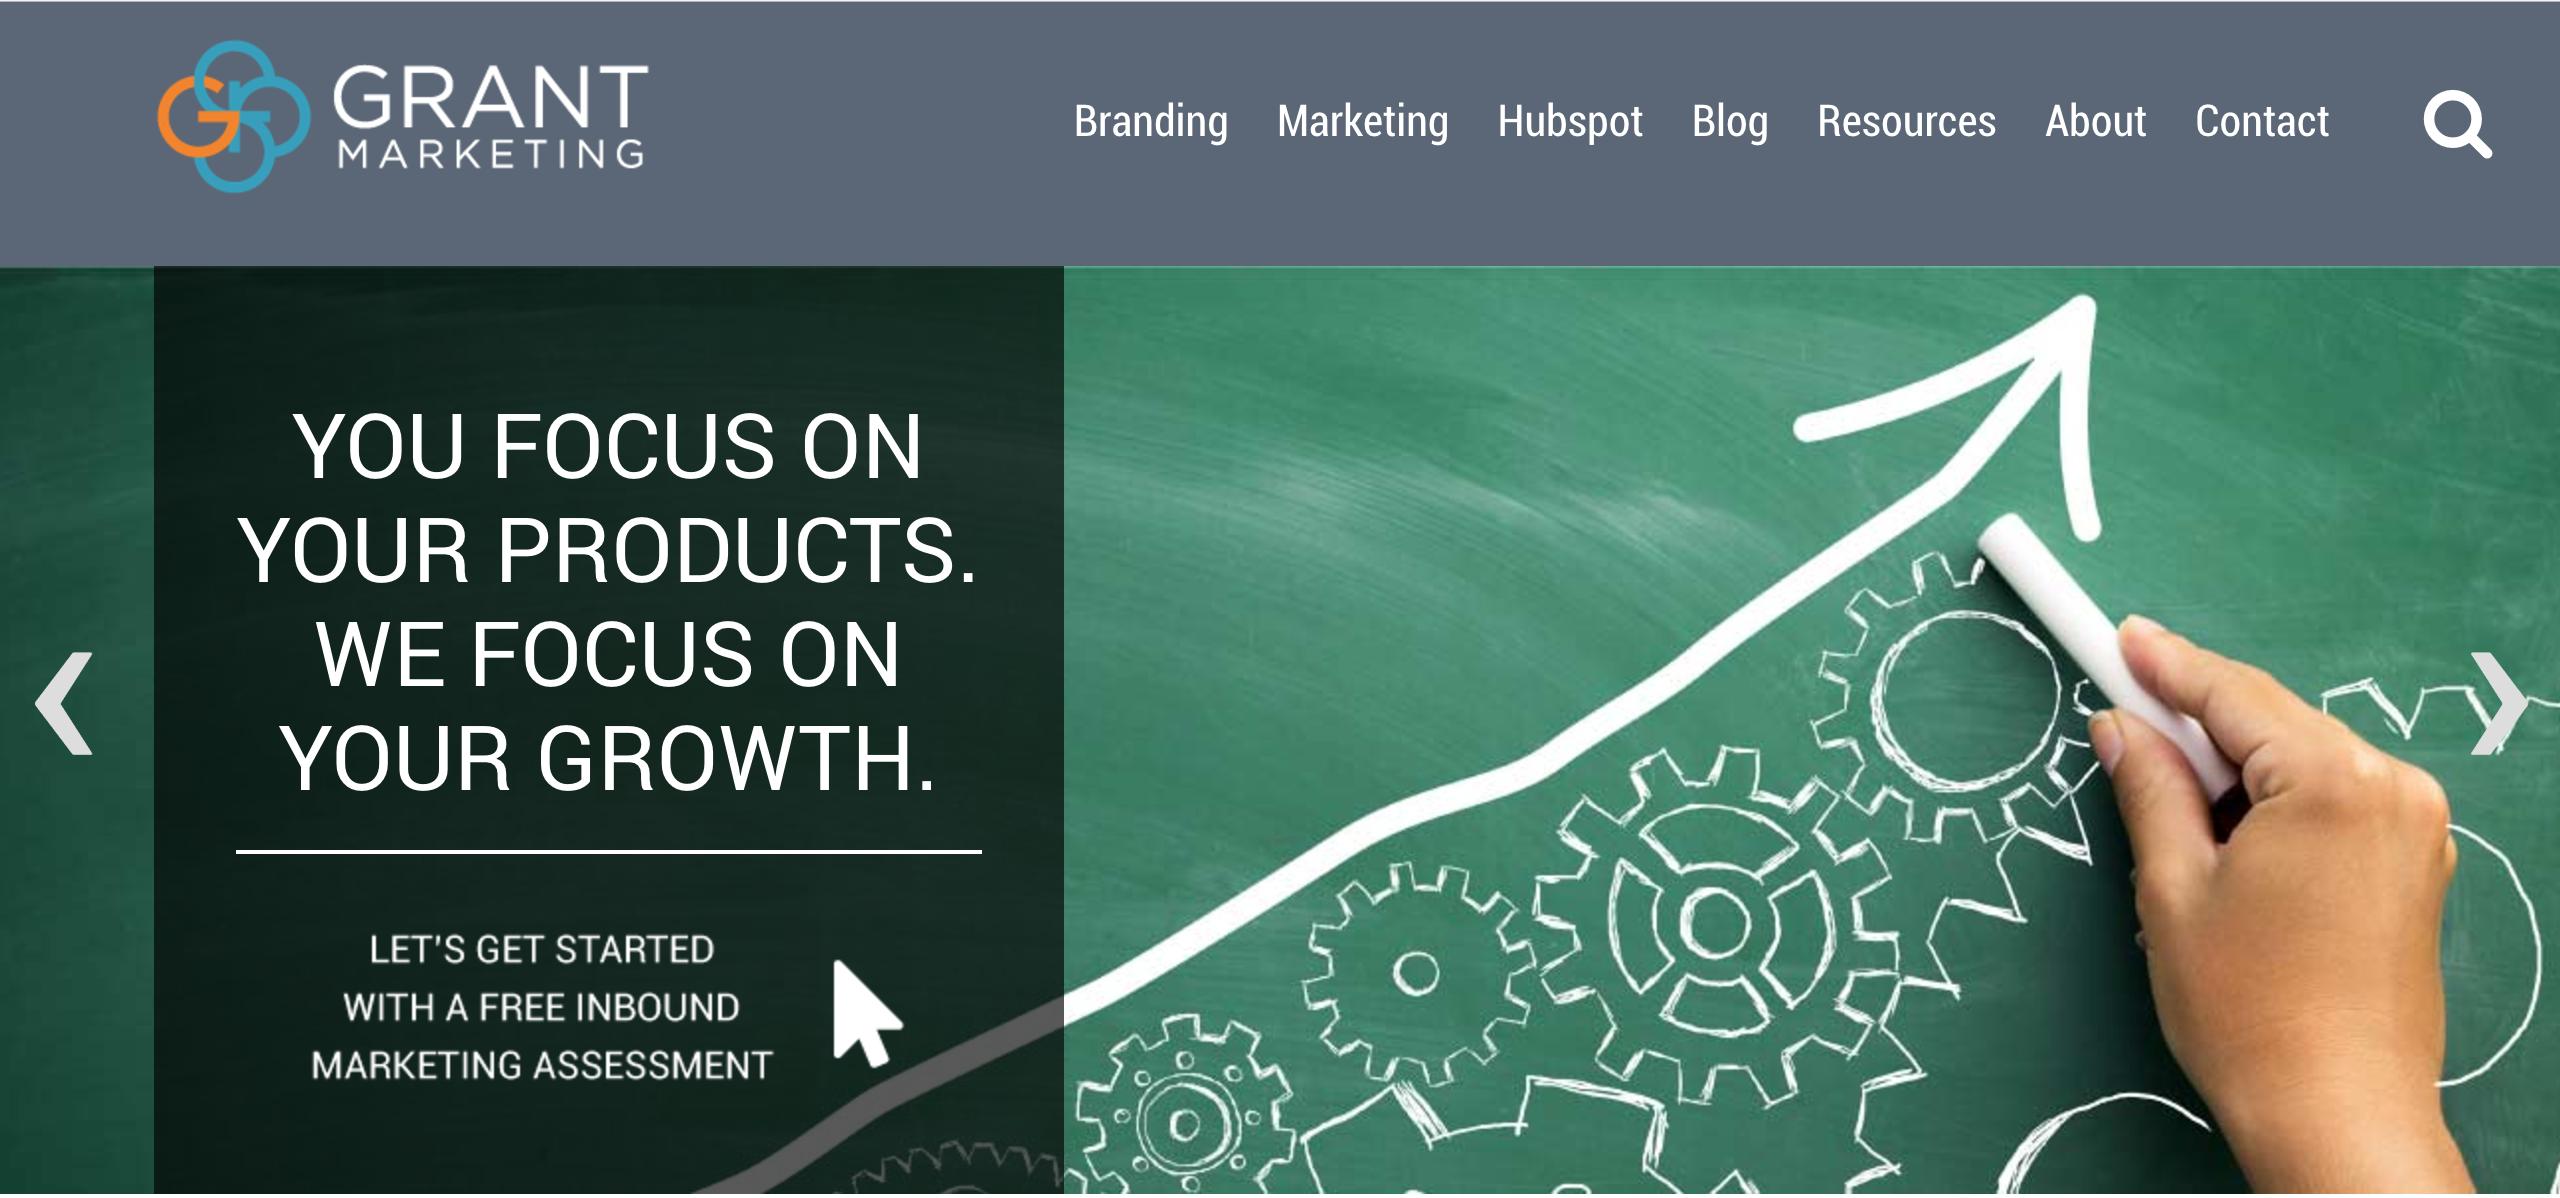 Grant Marketing Demo - Grant Marketing